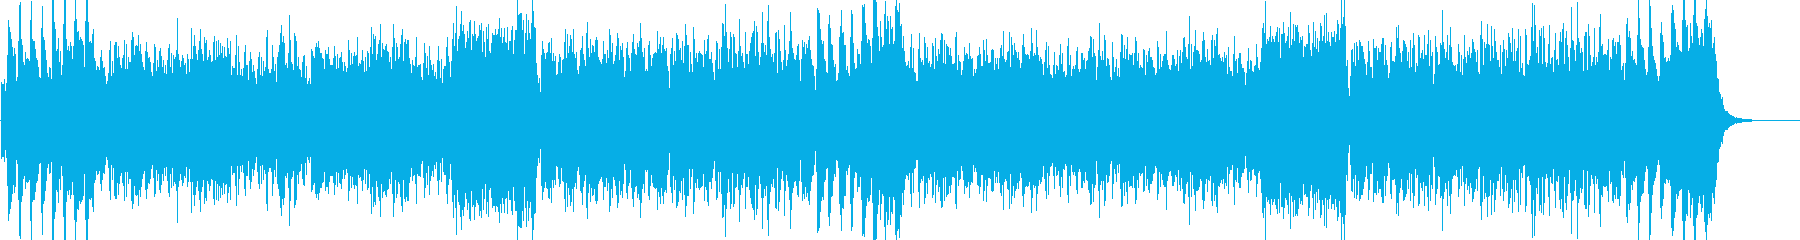 ファンタジックなオーケストラの戦闘曲の再生済みの波形